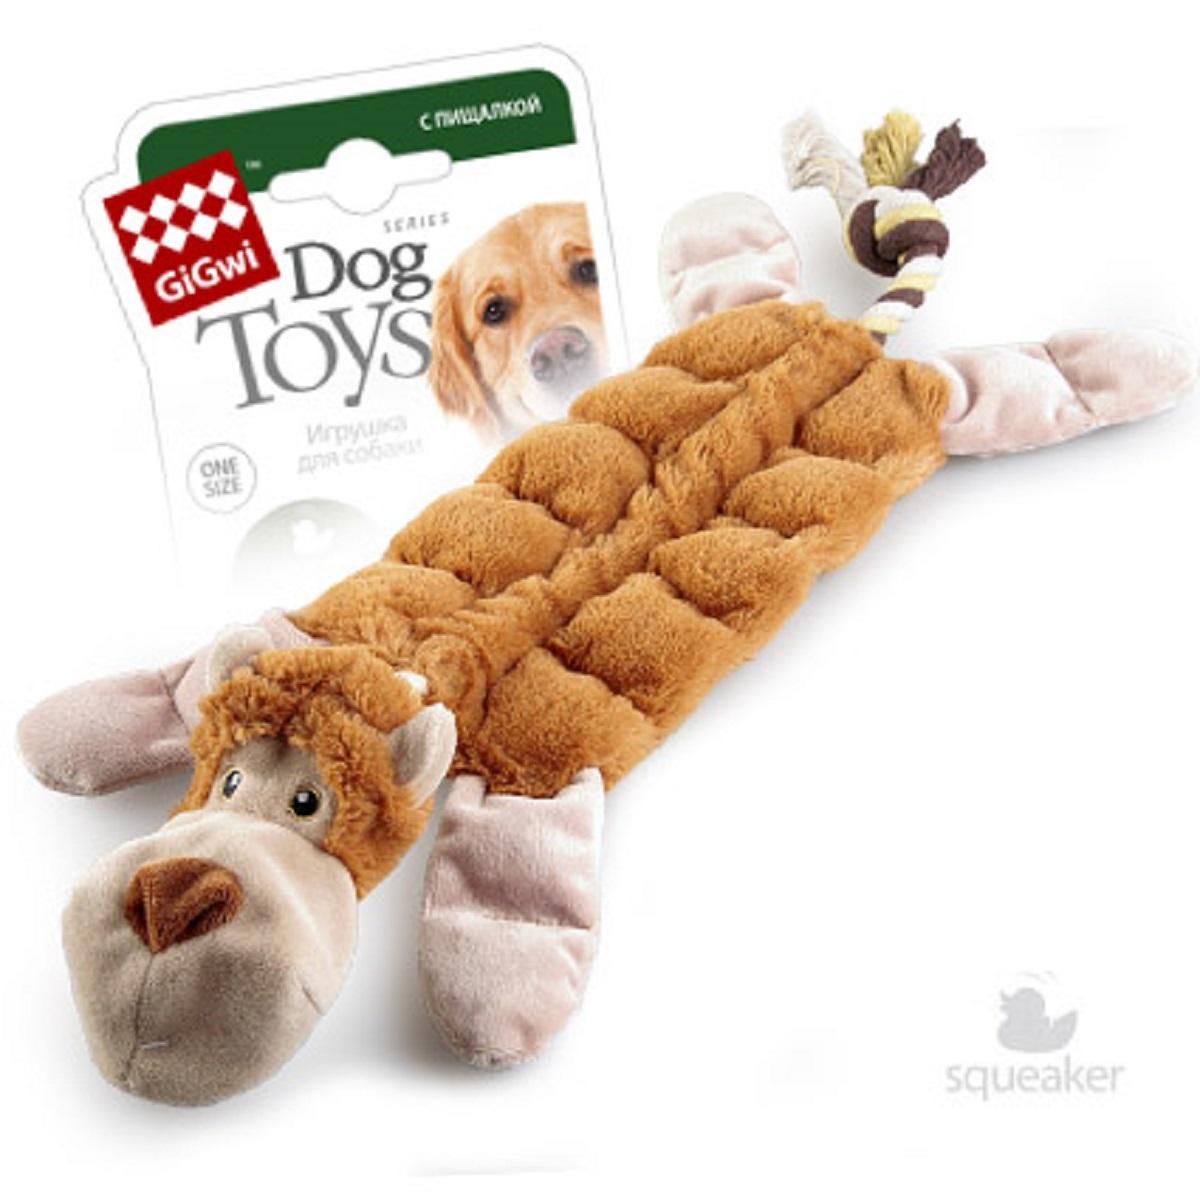 Игрушка для собак GiGwi Обезьяна, с пищалками, 34 см дорого для gigwi почесть плюшевой playmate под названием jiaolv остаться мэн осел игрушка игрушка собаки игрушка животного резистентного укуса интерактивных игрушки тедди голден ретривер лабрадор